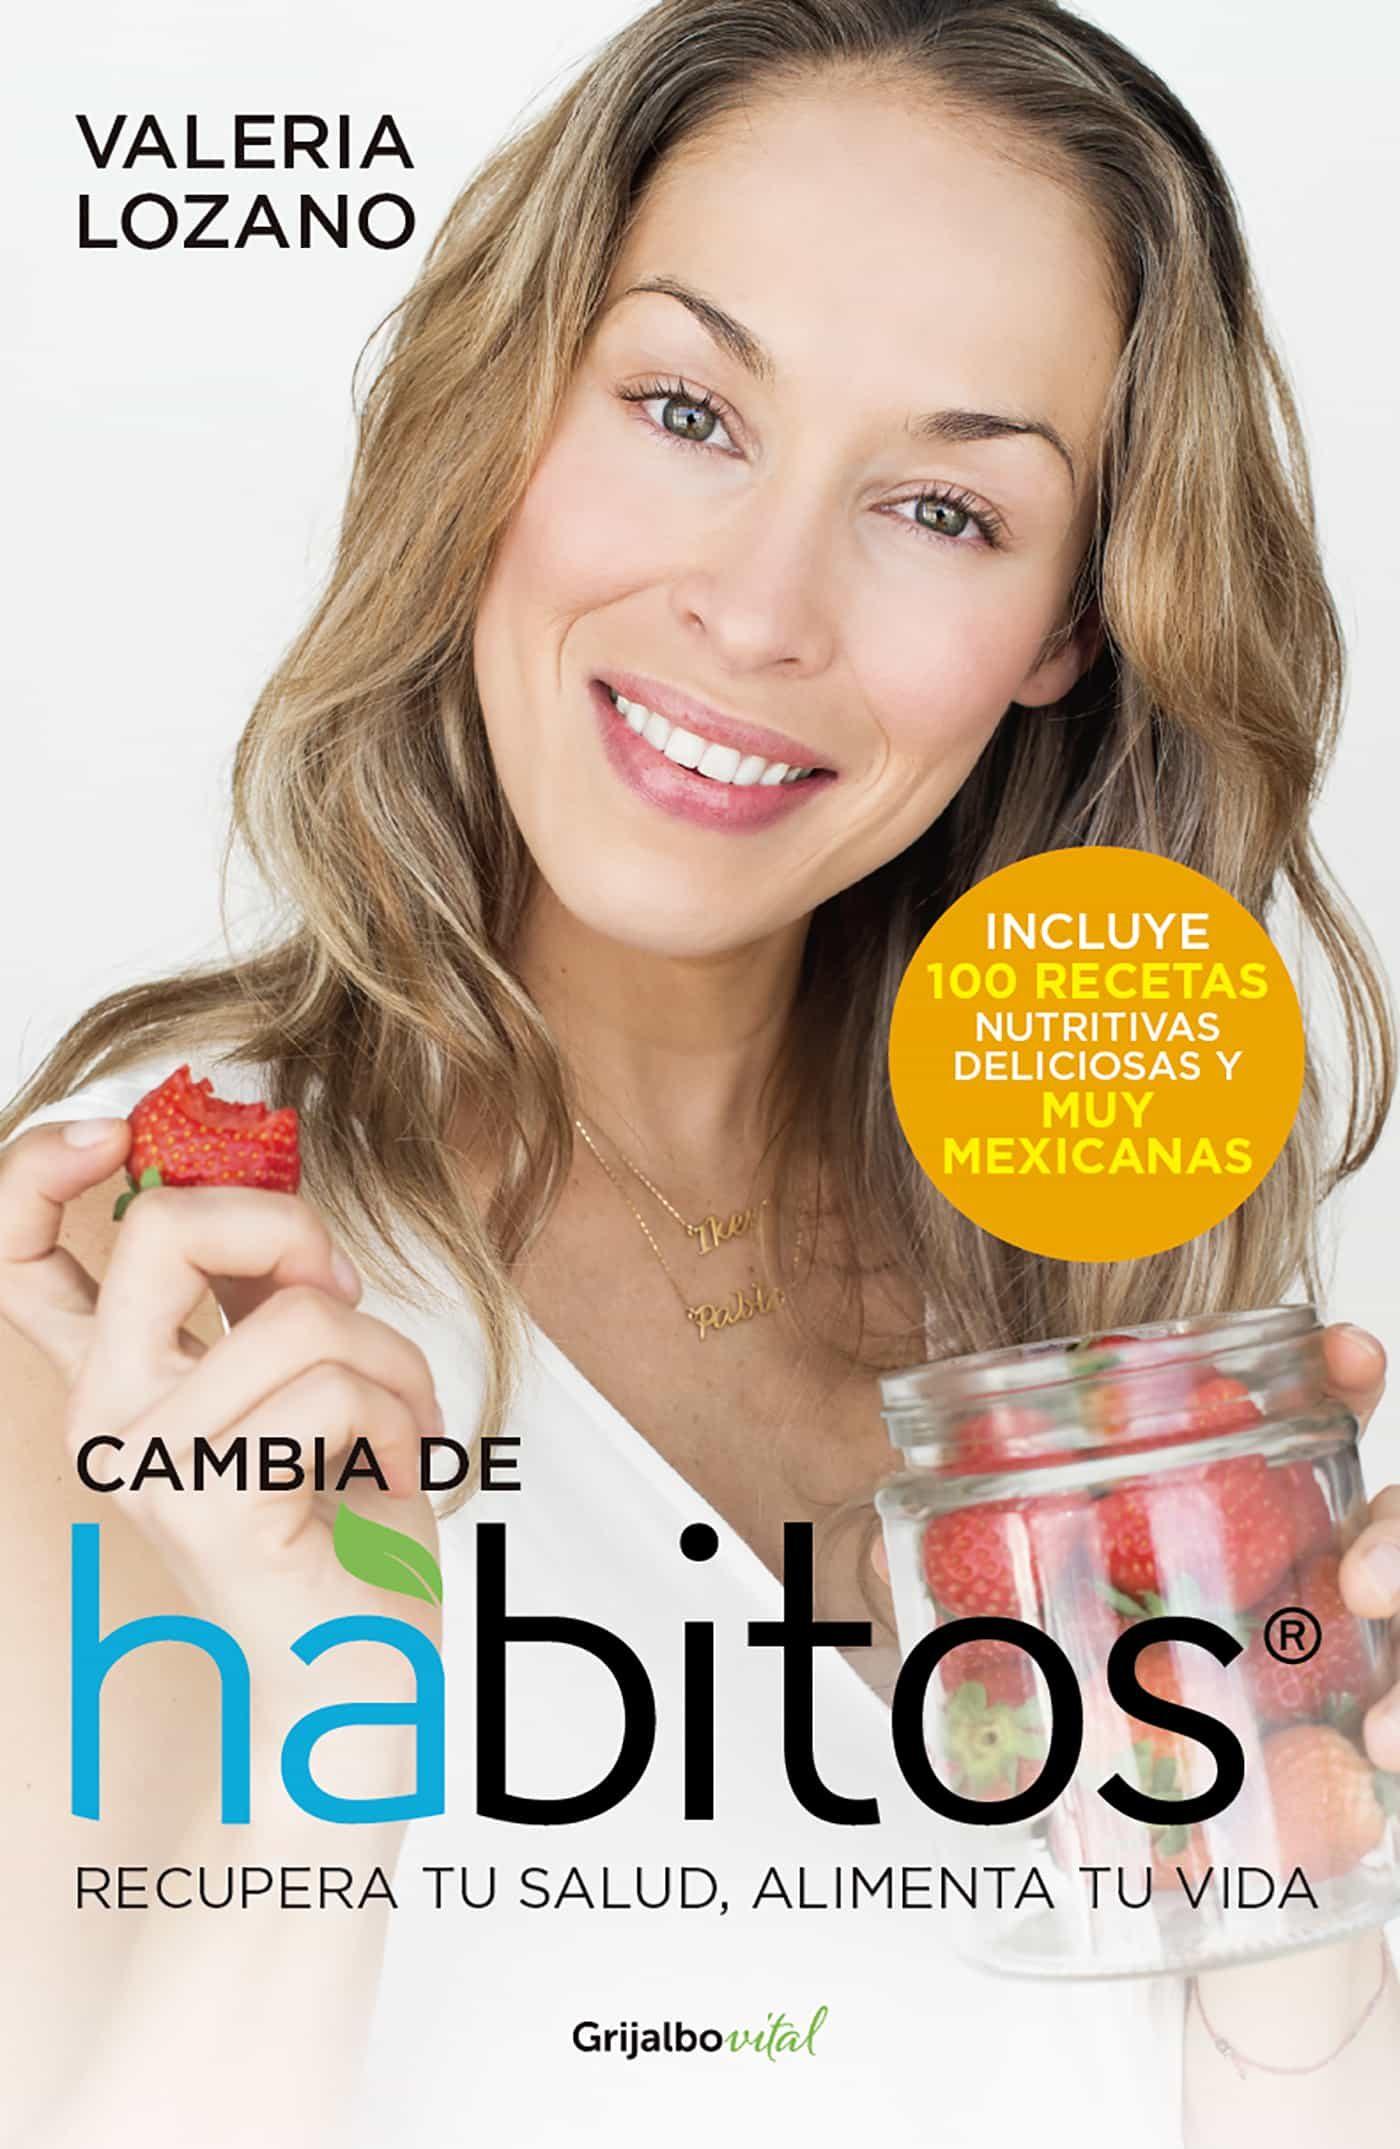 Resultado de imagen para Cambia de hábitos / Valeria Lozano